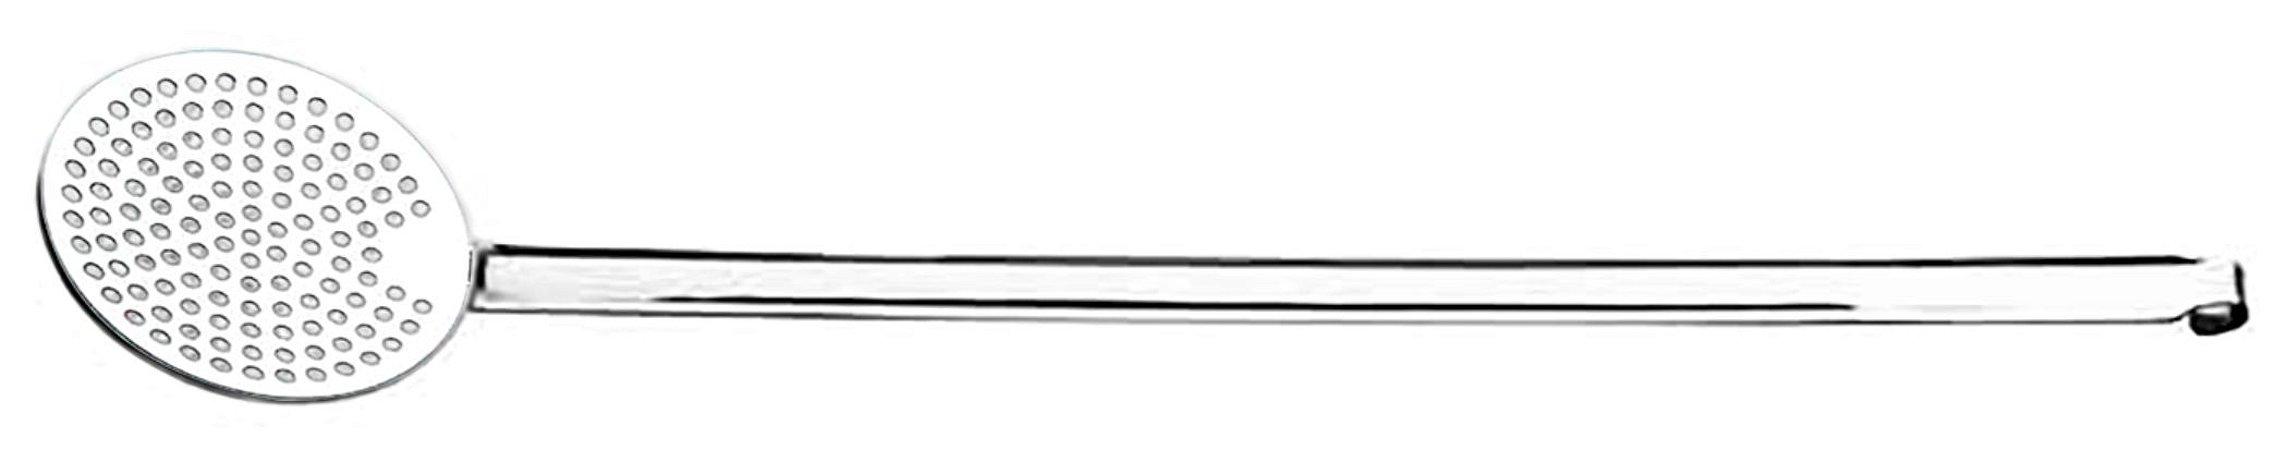 Espumadeira Inox Pendurar cabo 40cm Ø 10cm -